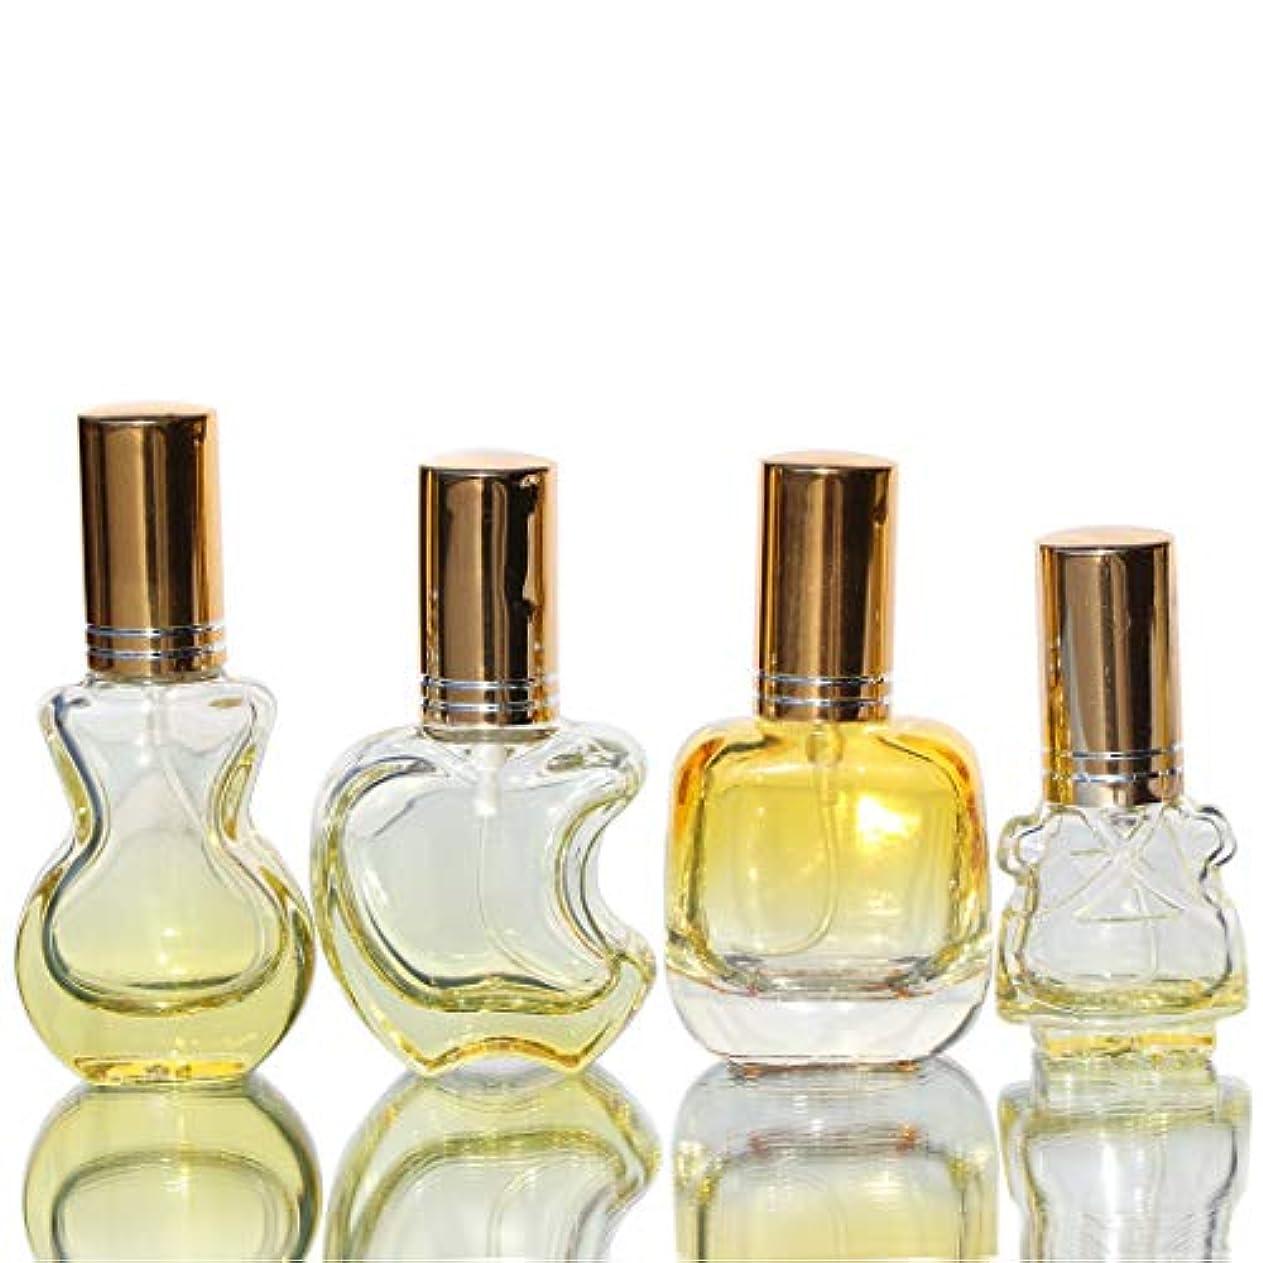 下位バイアス潮Waltz&F カラフル ガラス製香水瓶 フレグランスボトル 詰替用瓶 空き アトマイザー 分け瓶 旅行用品 化粧水用瓶